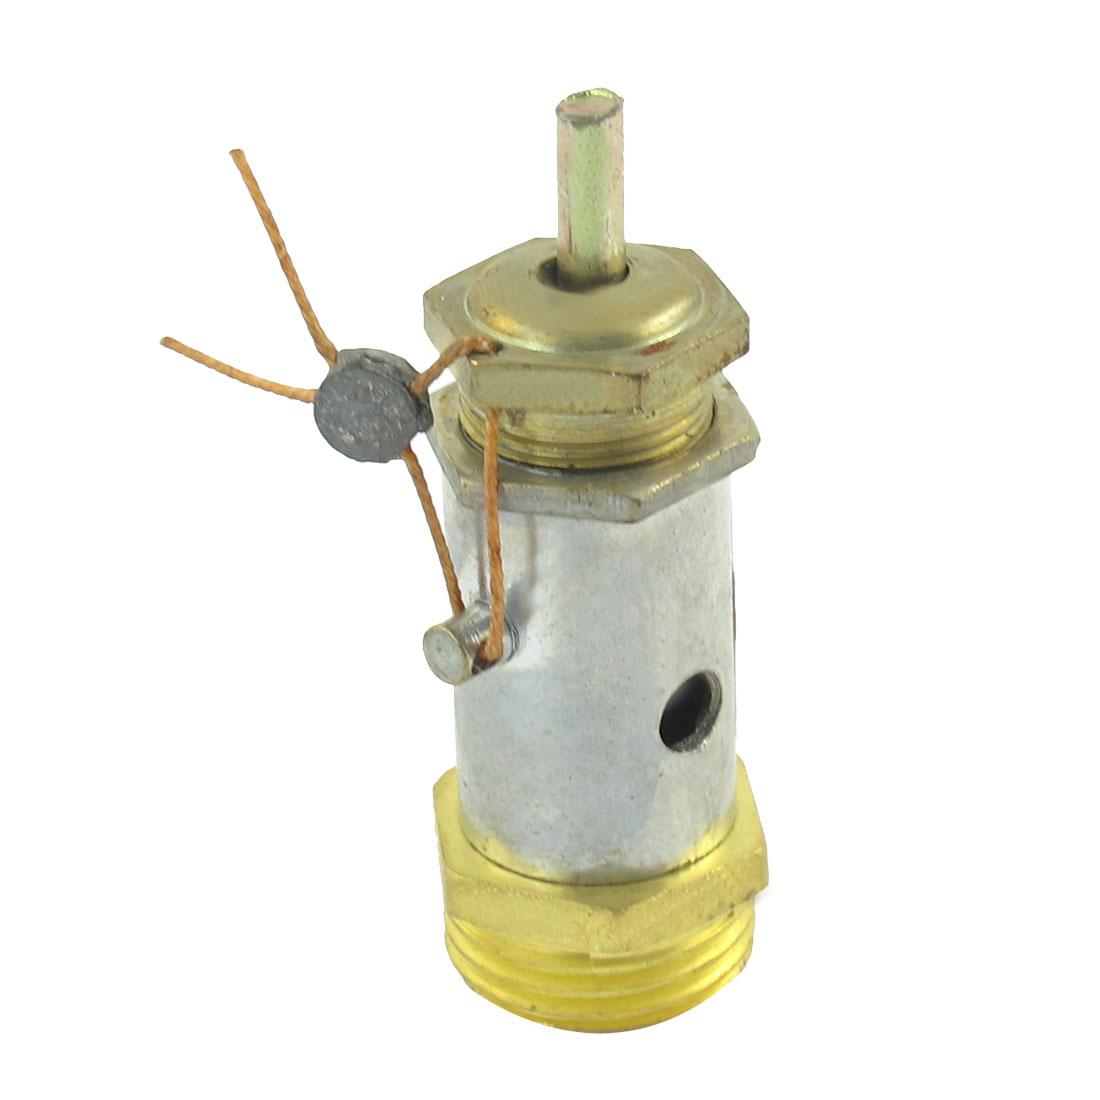 1/2 PT Dia Thread Pressure Safety Relief Valve Brass Tone